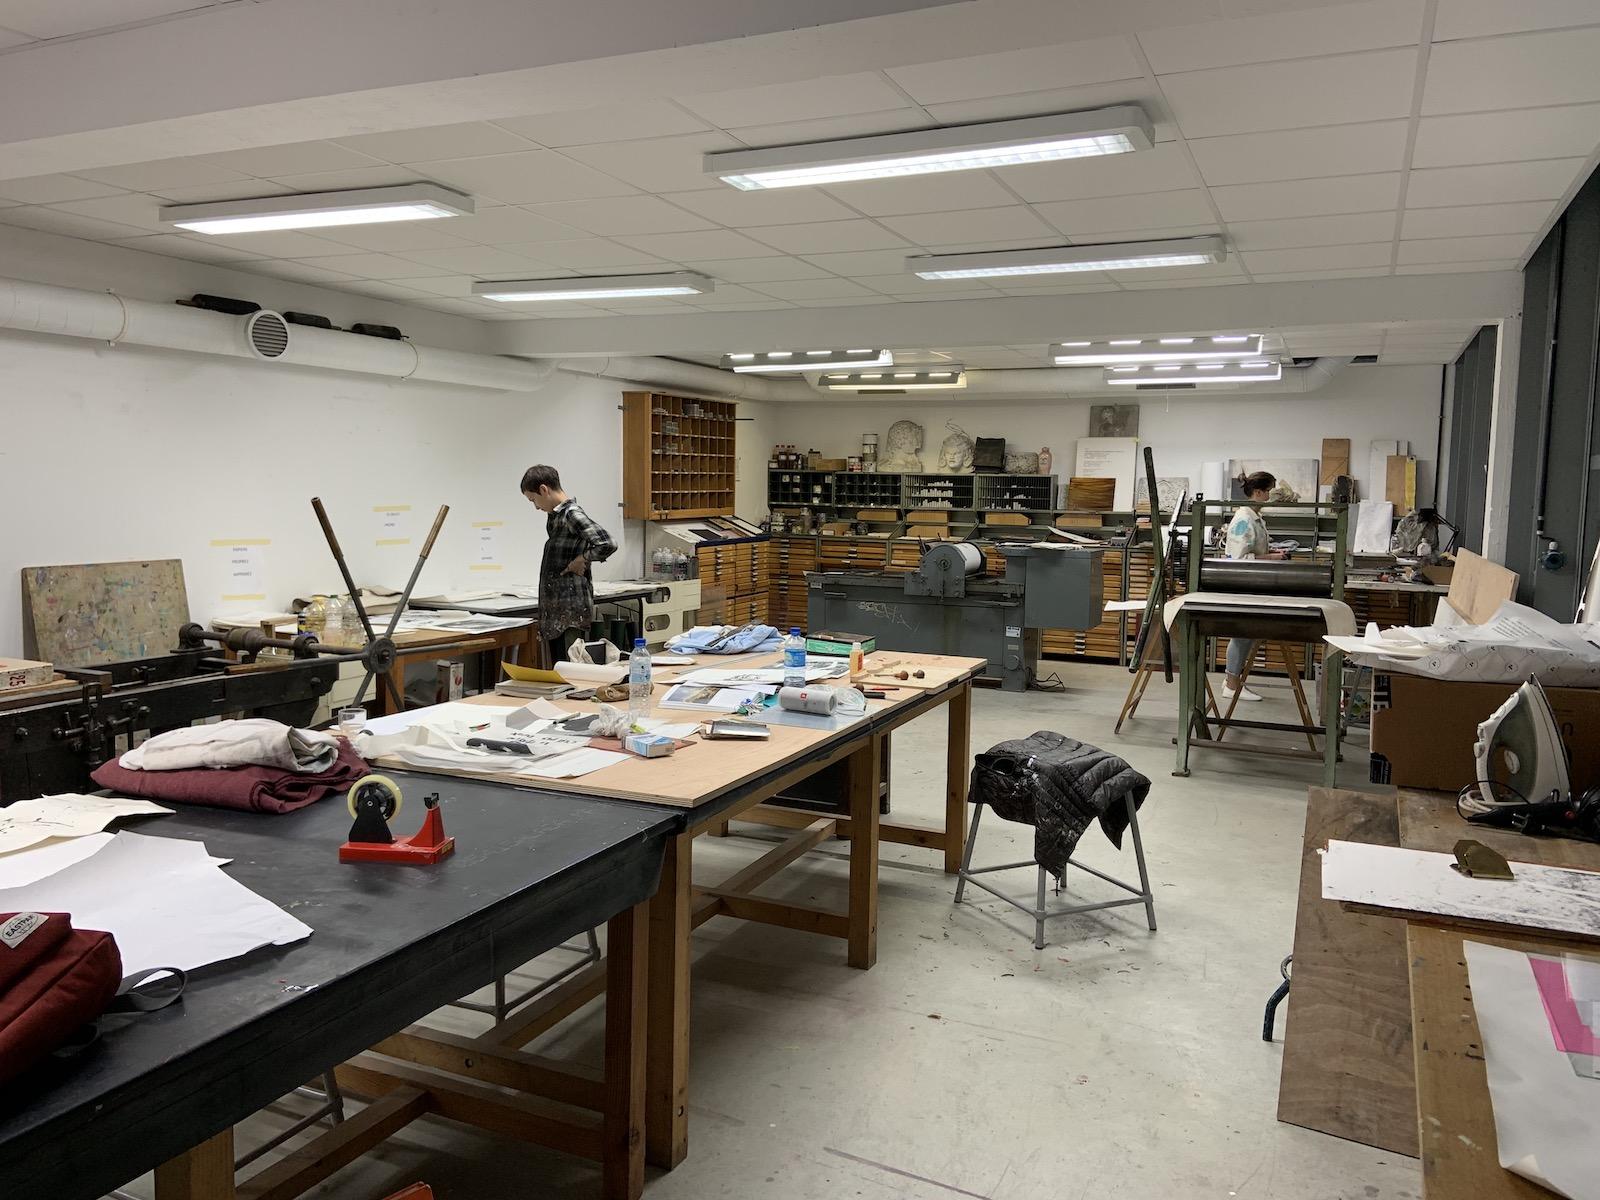 Atelier impression à l'école nationale supérieure d'art de limoges.